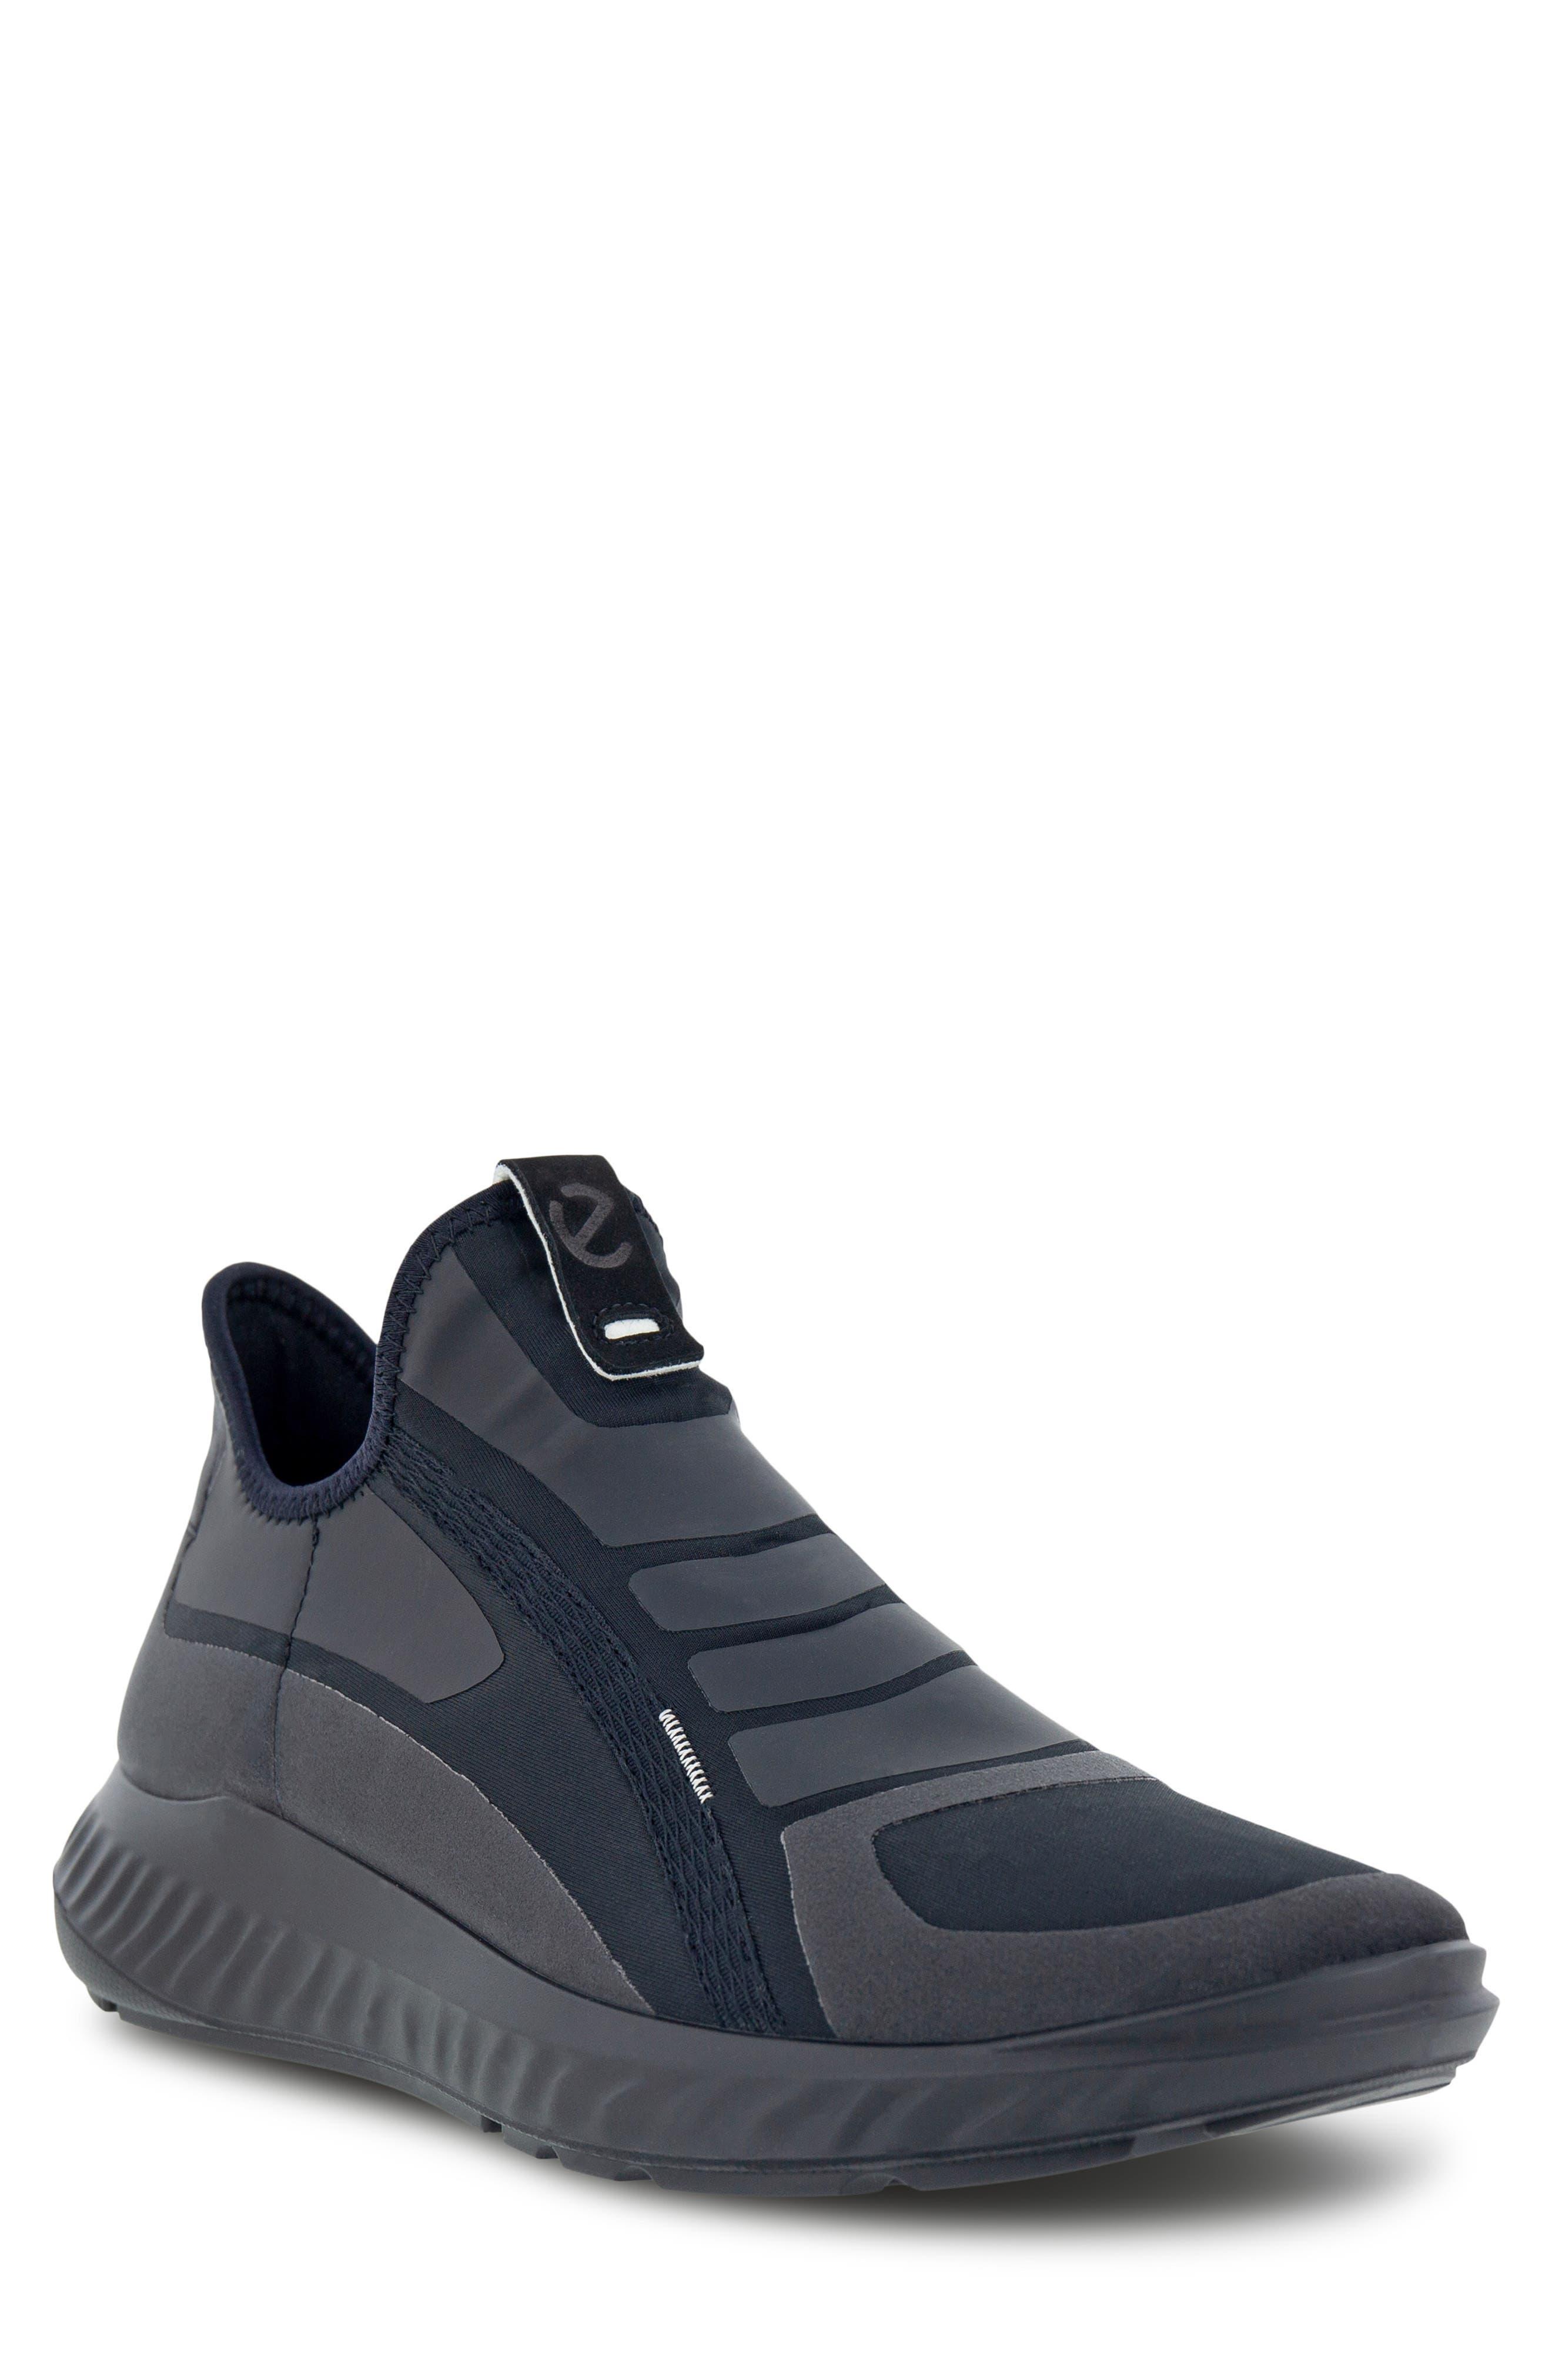 Men's Ecco Ath-1Fm Alpha Slip-On Sneaker